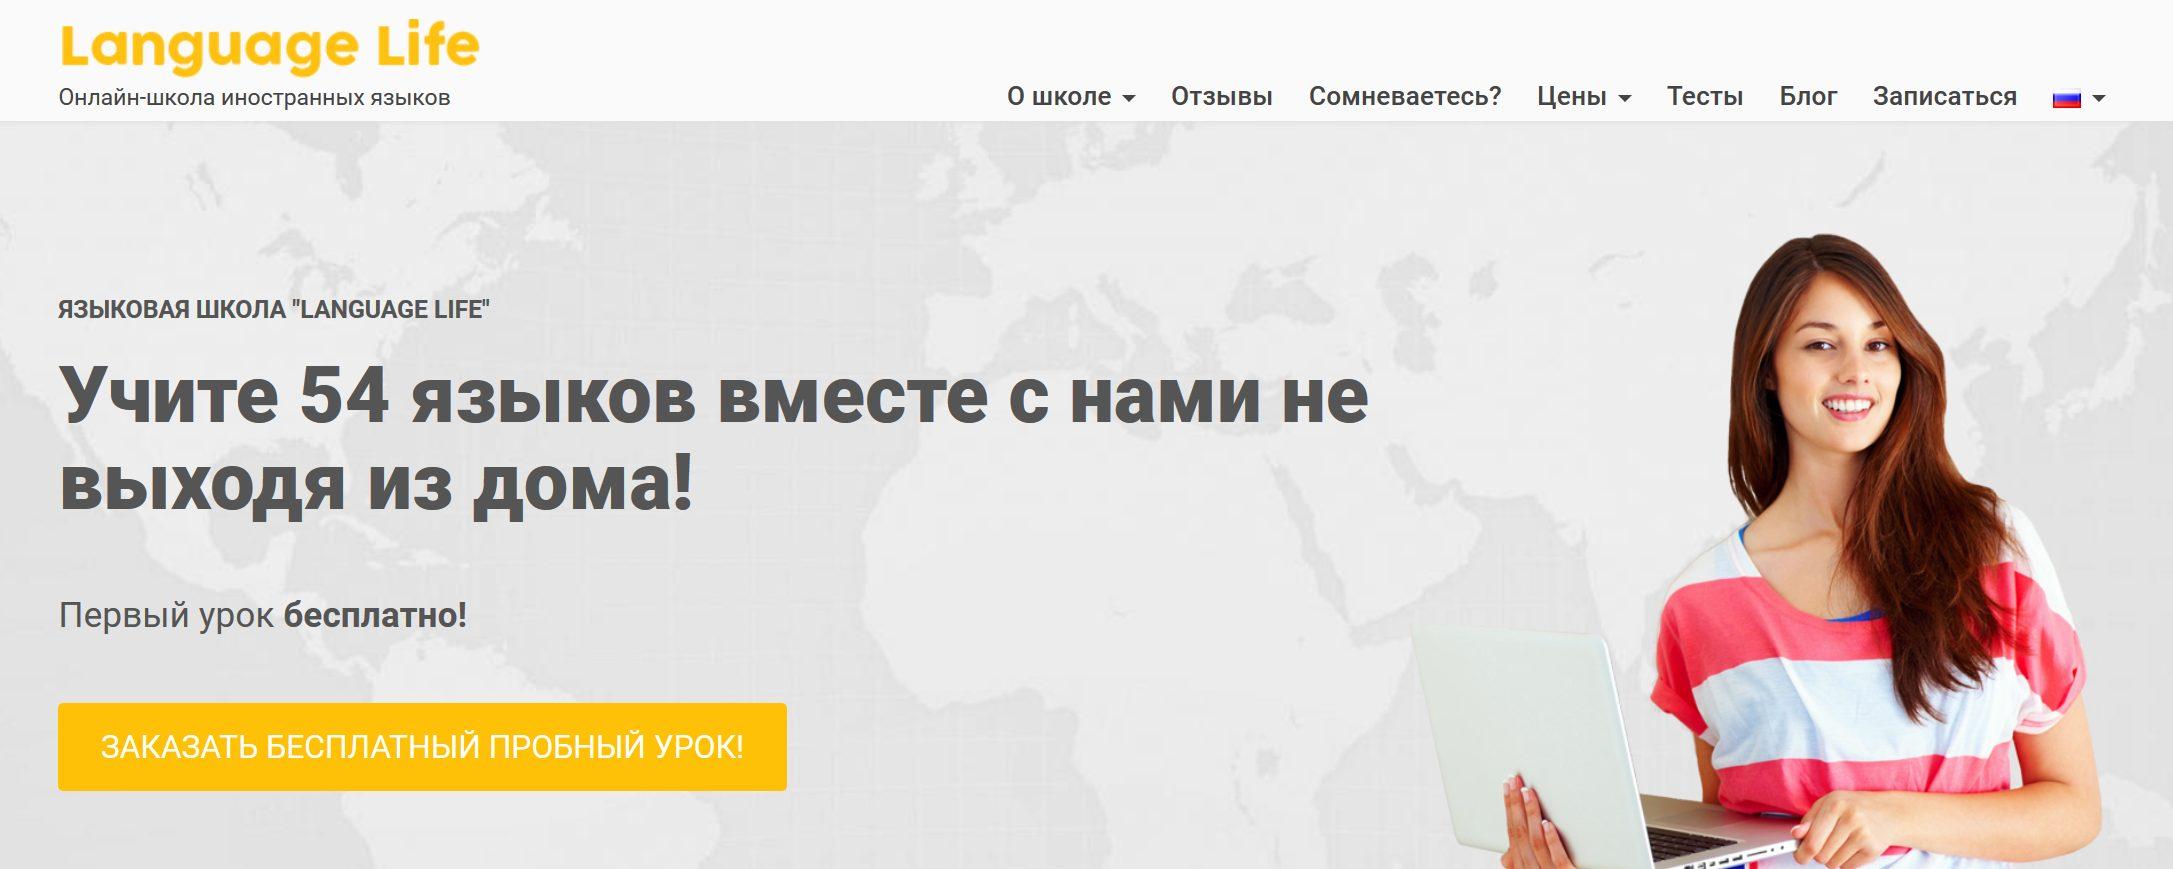 Языковая школа Language Life - Учите языки не выходя из дома!